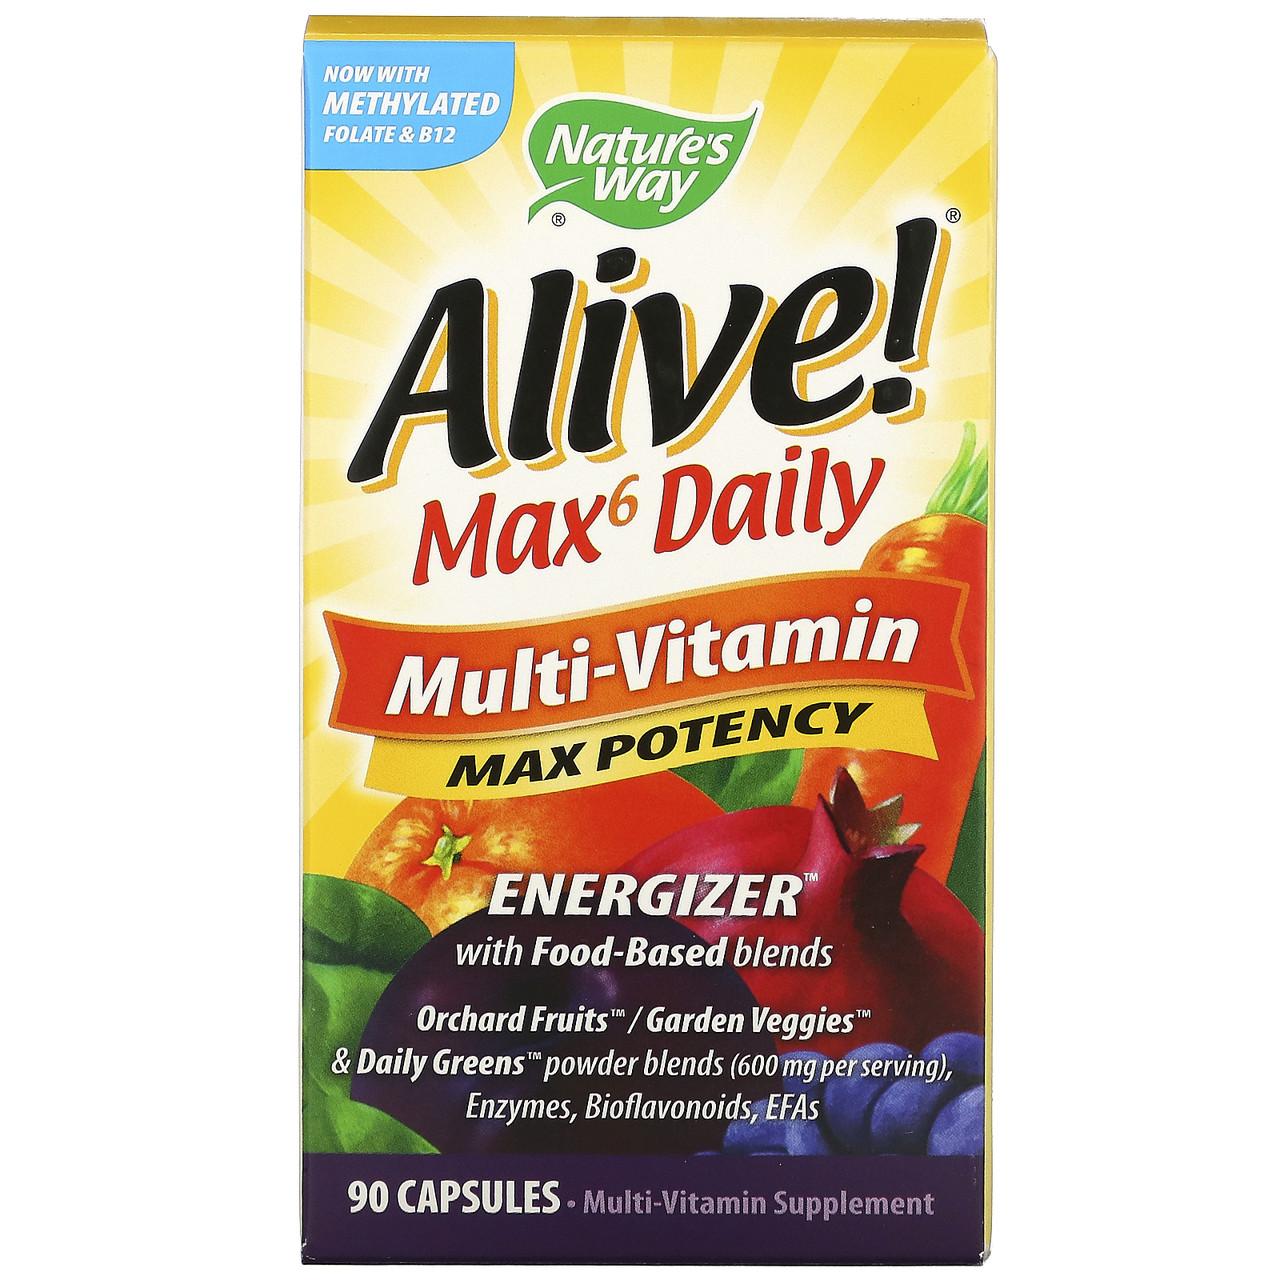 Мультивитаминный комплекс Alive! Max6 Daily, 90 растительных капсул, Nature's Way